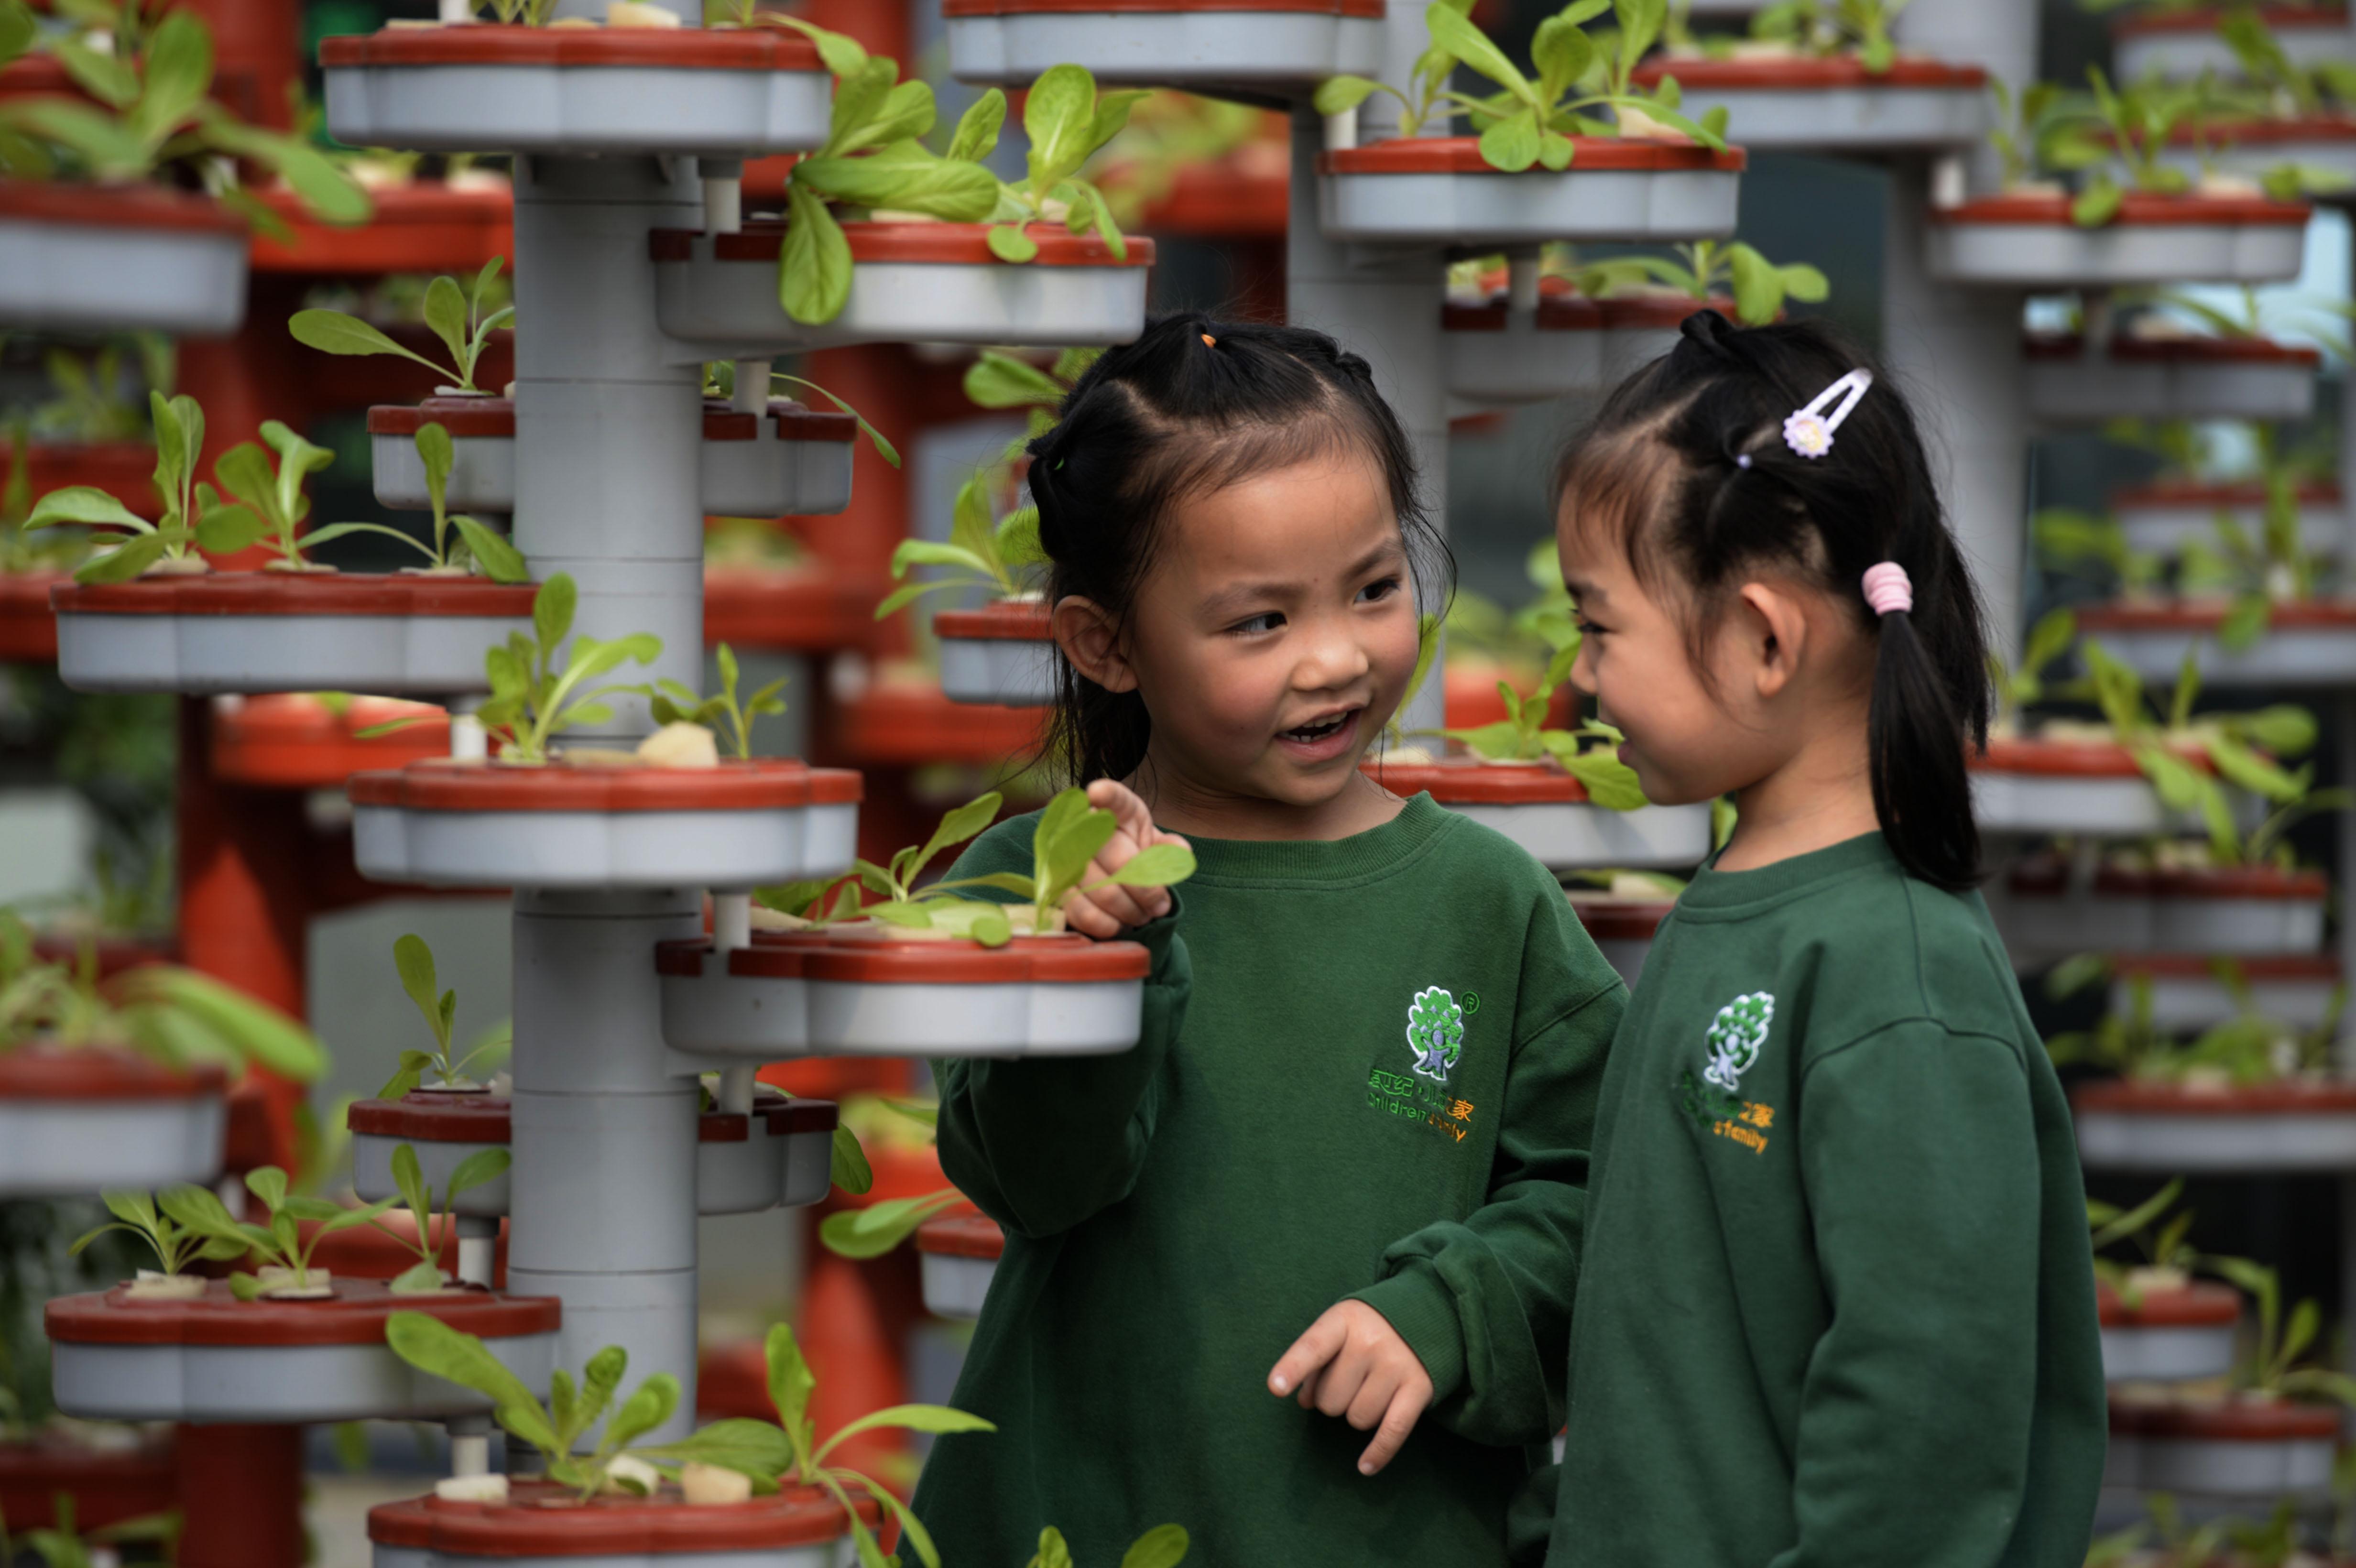 ↑10月19日,两名小朋友在观察无土栽培。CICPHOTO/霍红军 摄